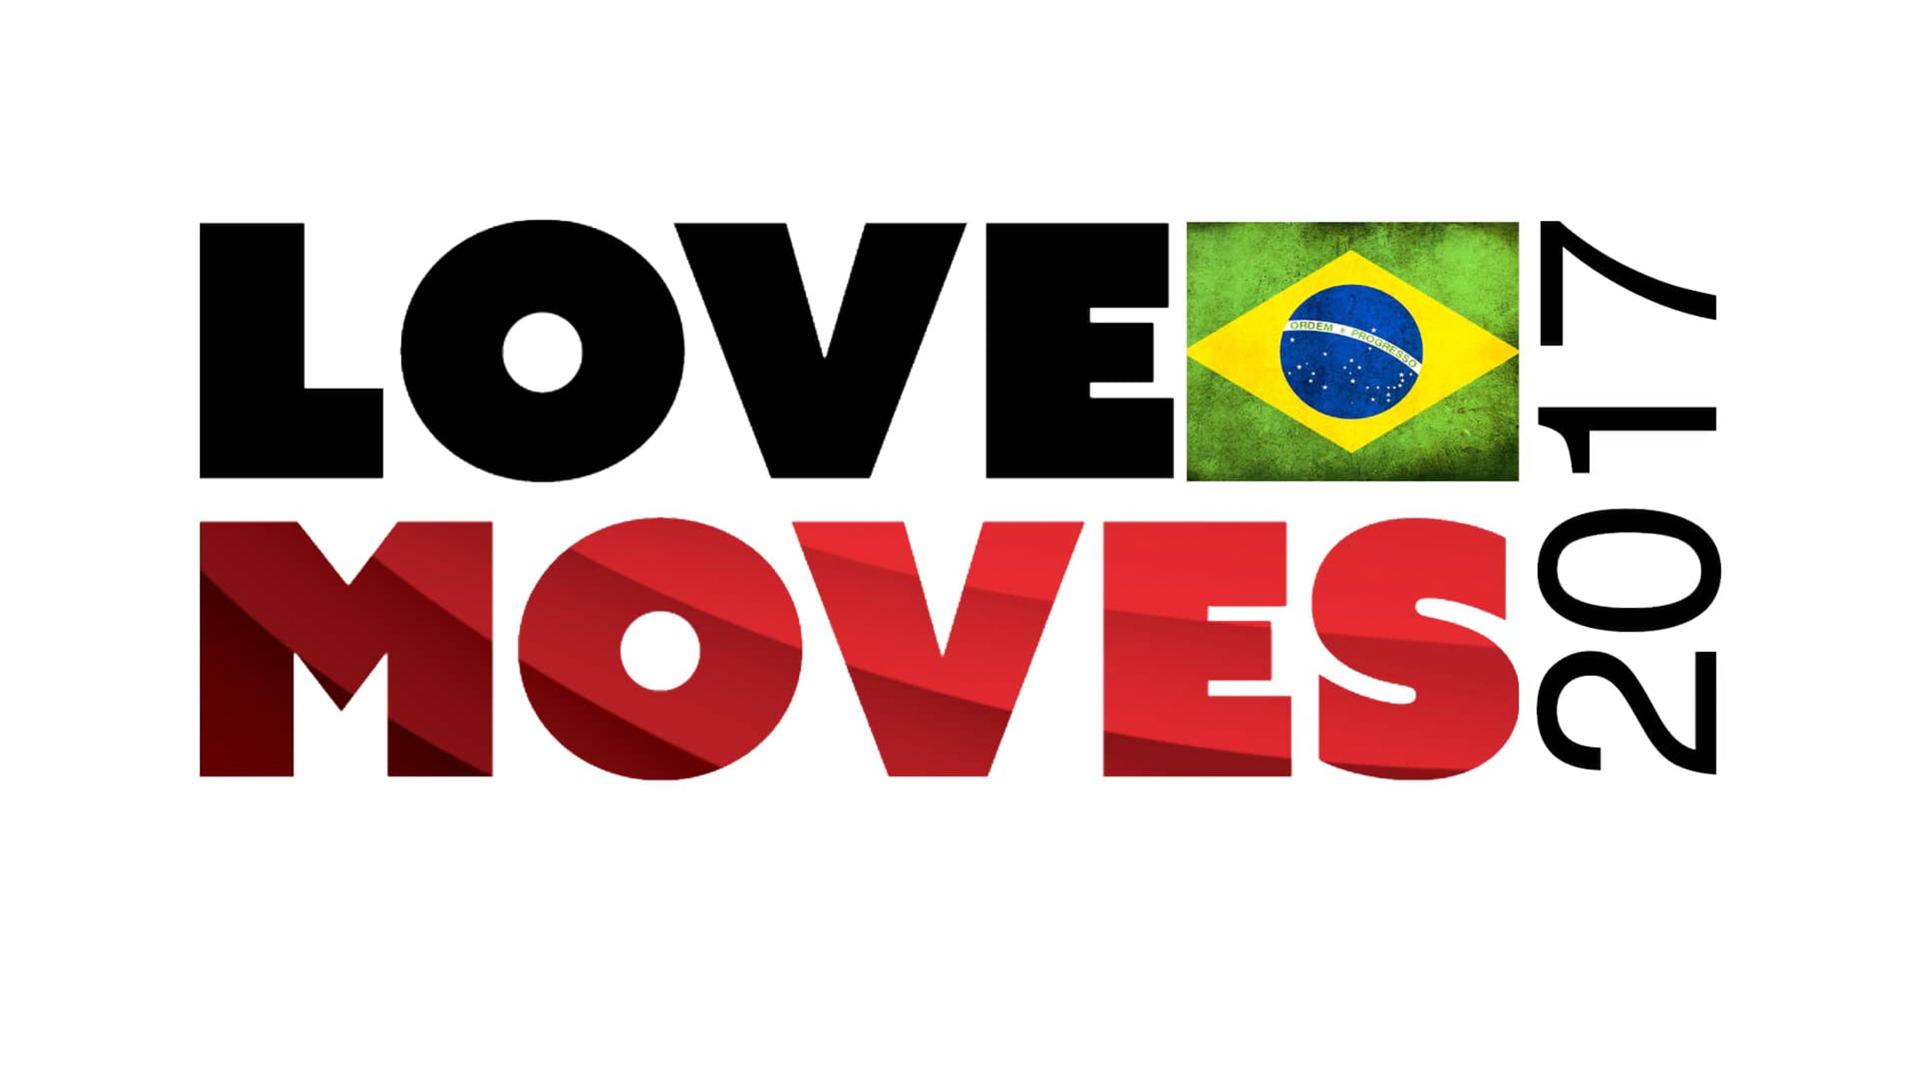 Love Moves Brazil brazil